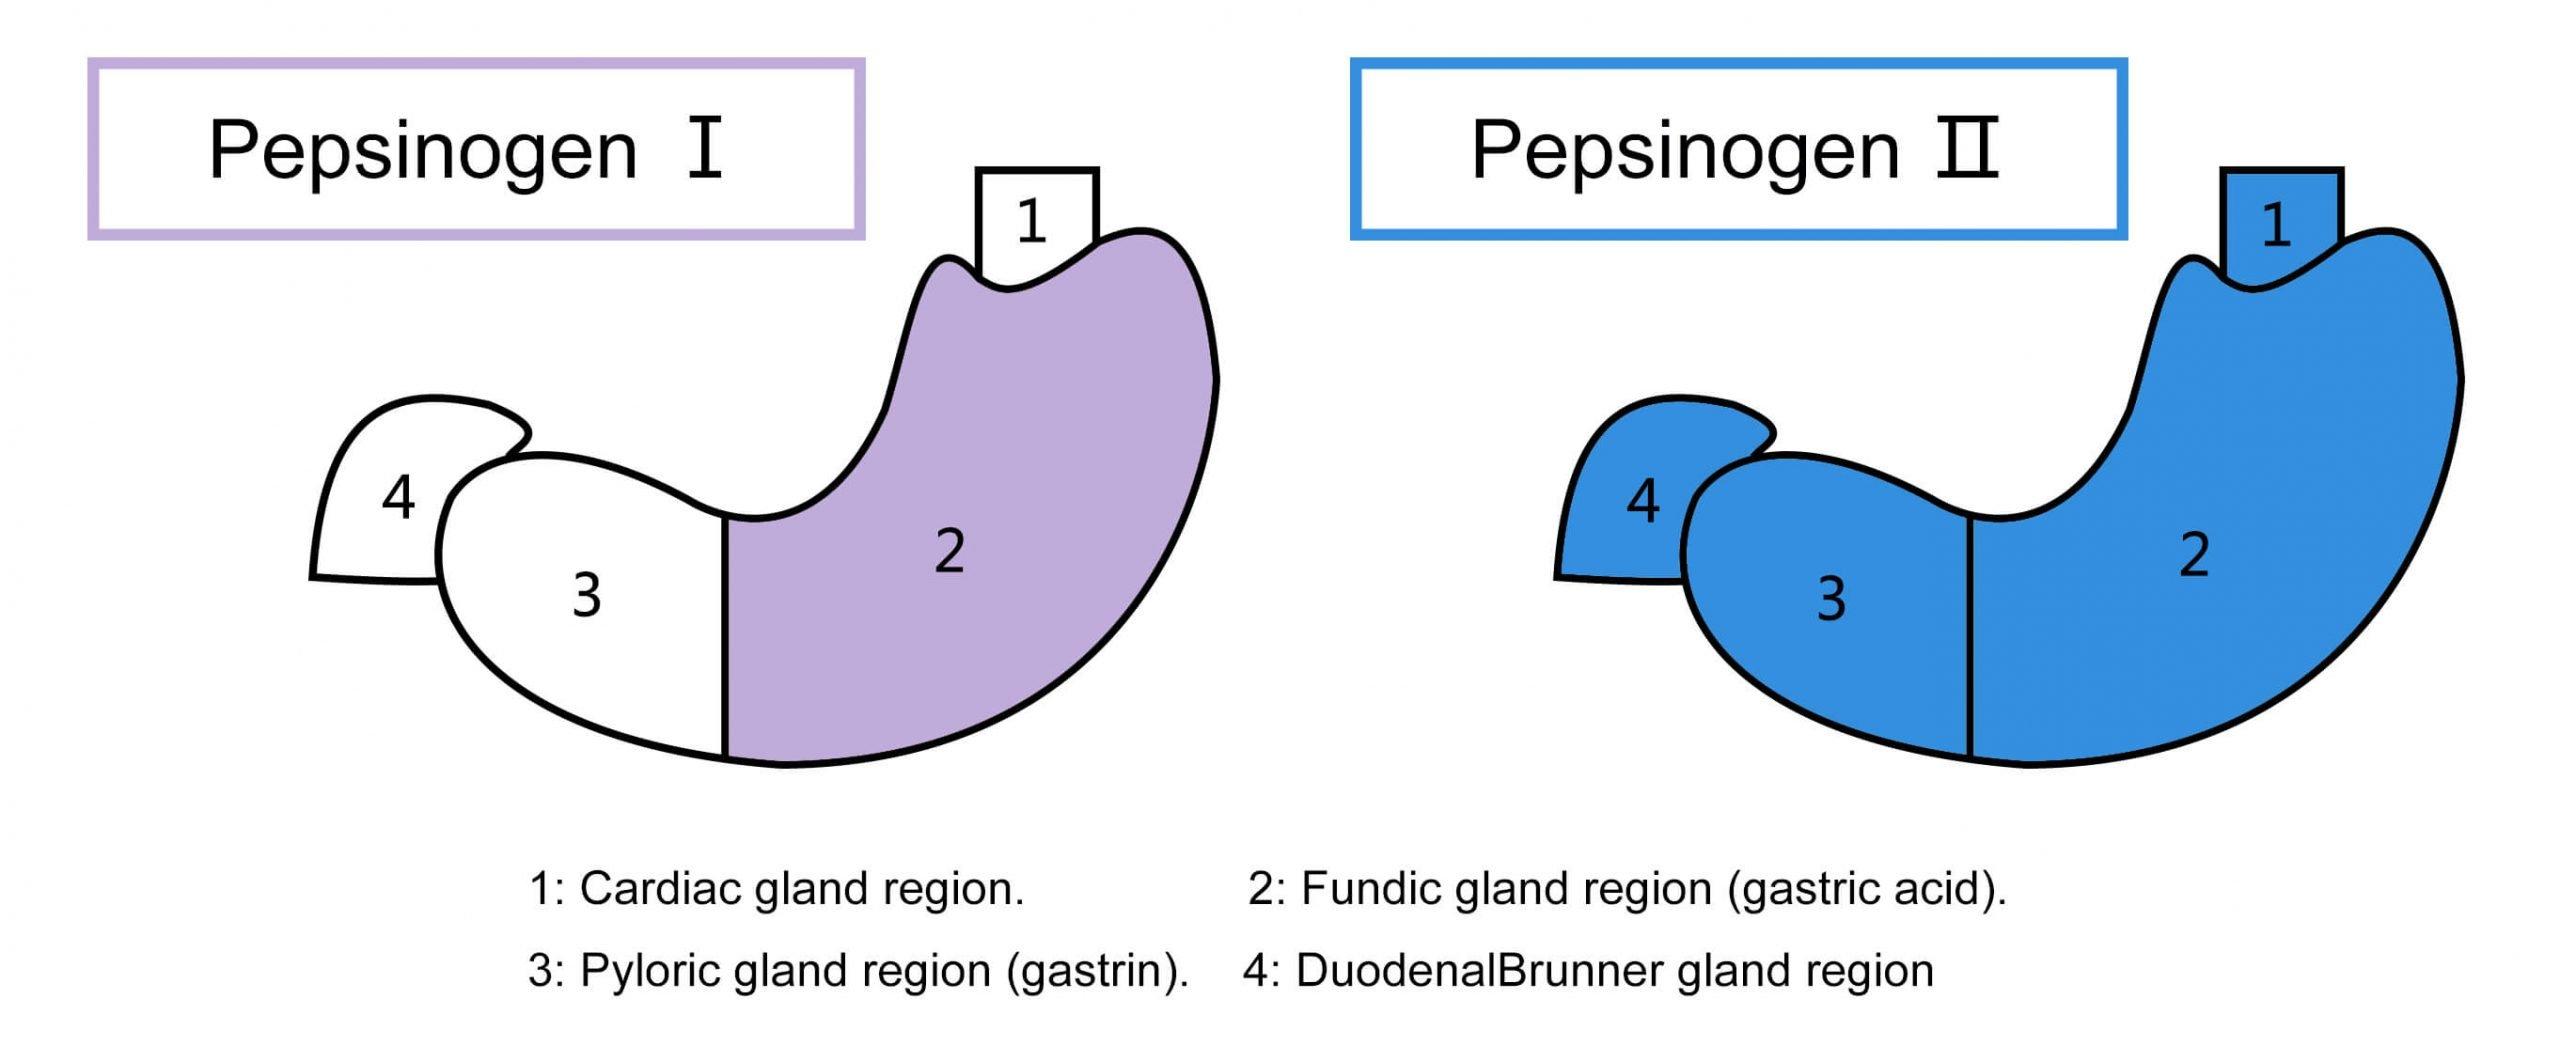 pepsinogen1